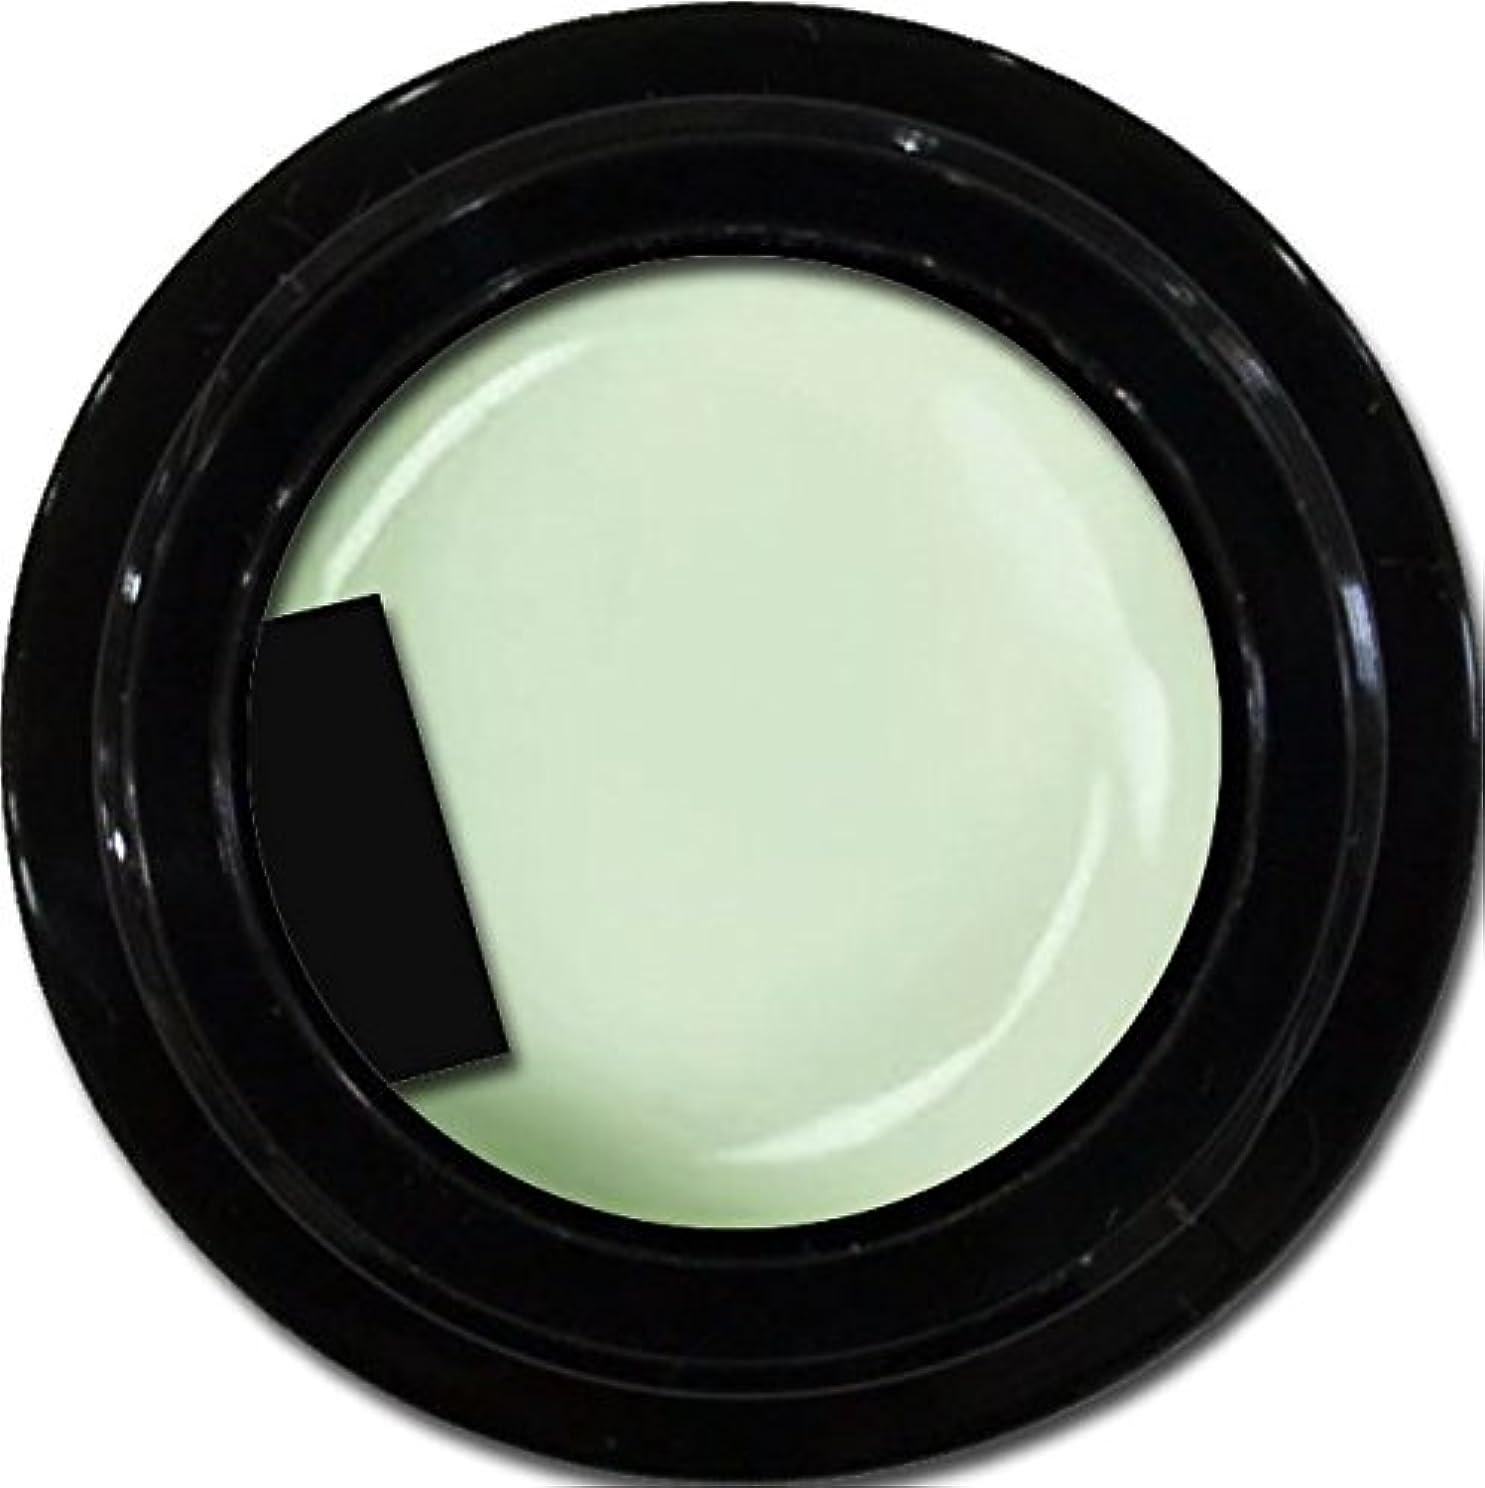 ディプロマ均等に真夜中カラージェル enchant color gel M710 Pistachio 3g/ マットカラージェル M710 ピスタチオ 3グラム